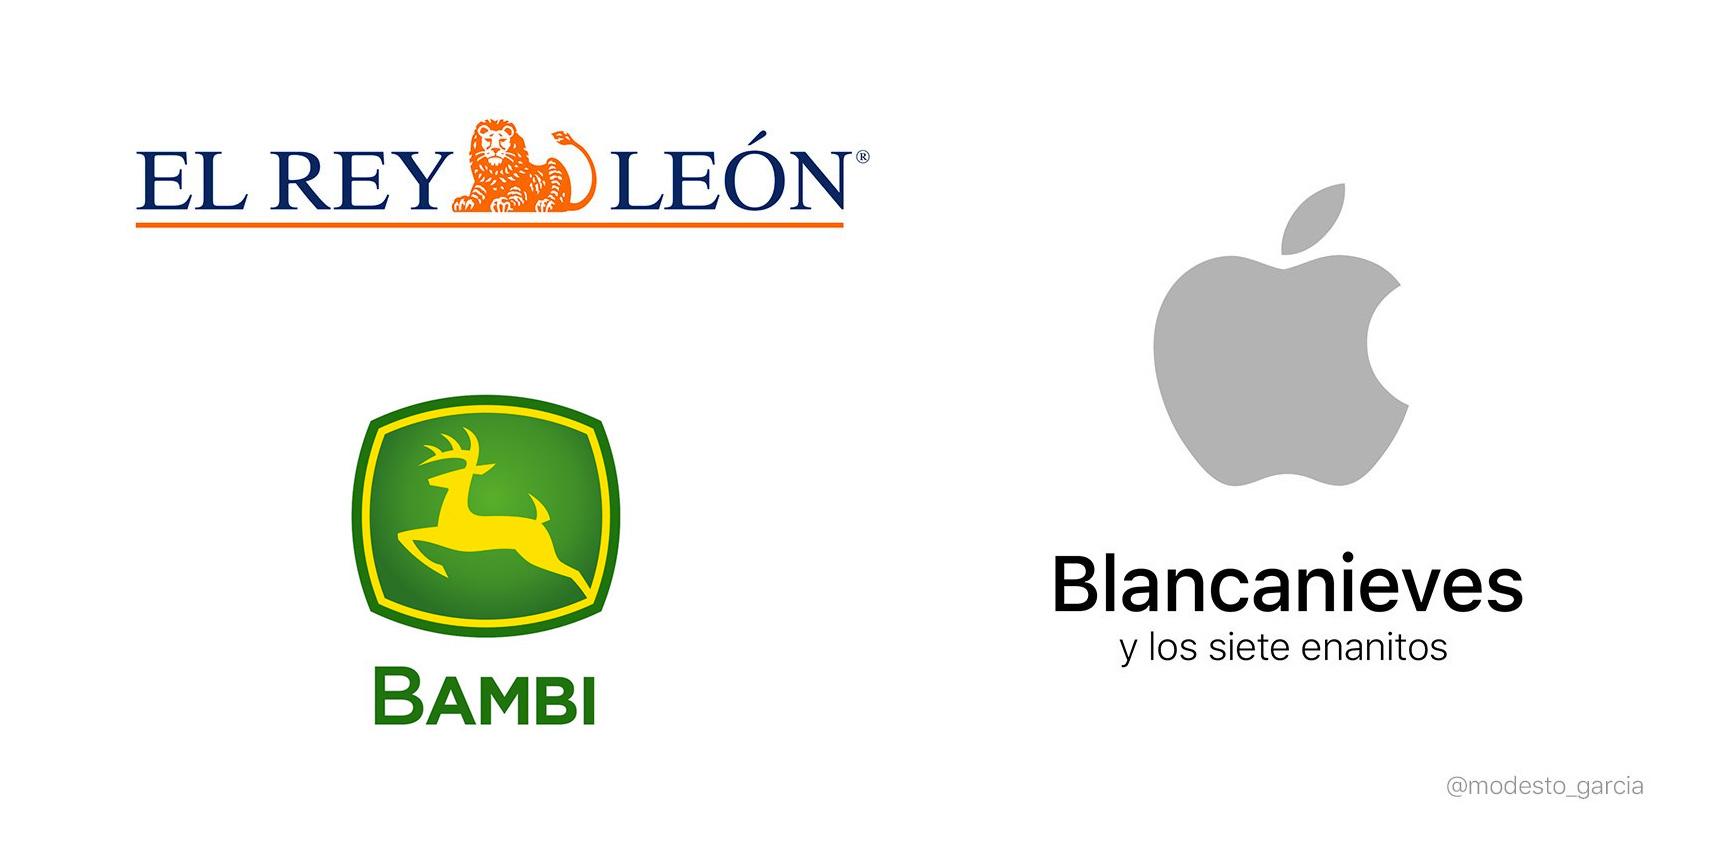 Disney Movie Corporate Logos